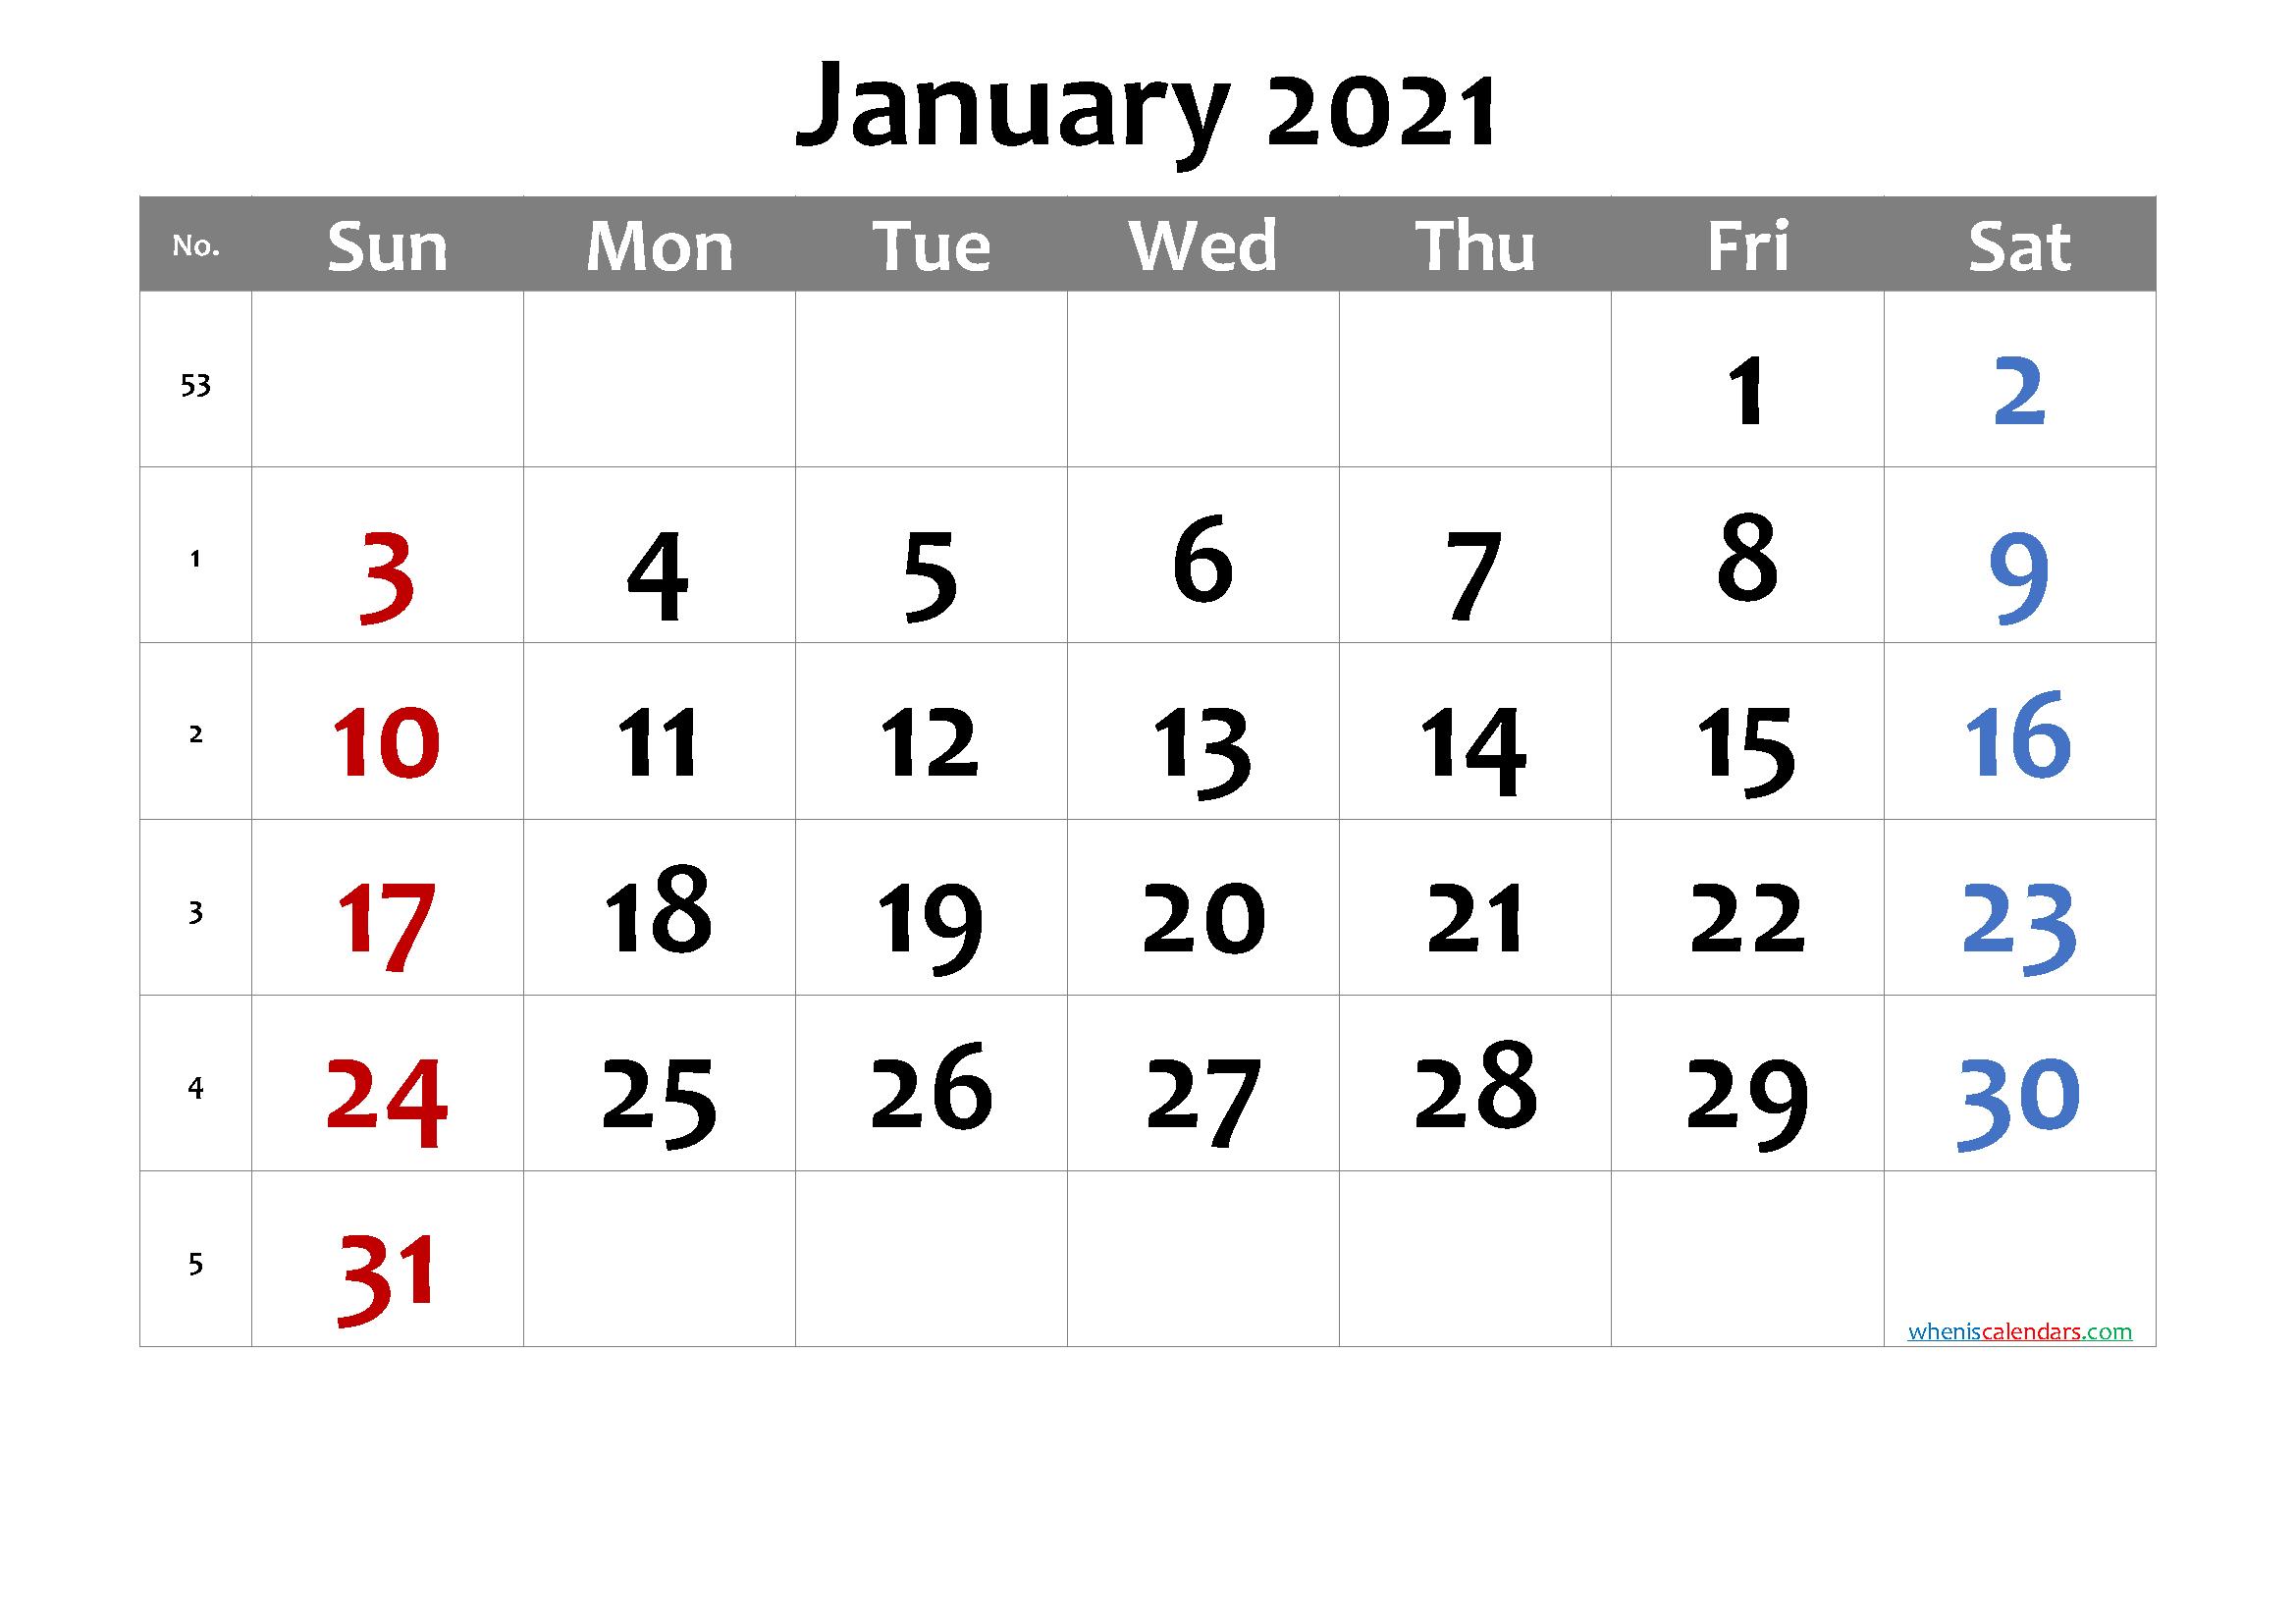 2021 Calendar With Week Number Printable Free / Week Weekly Numbered 52 Week Calendar Printable